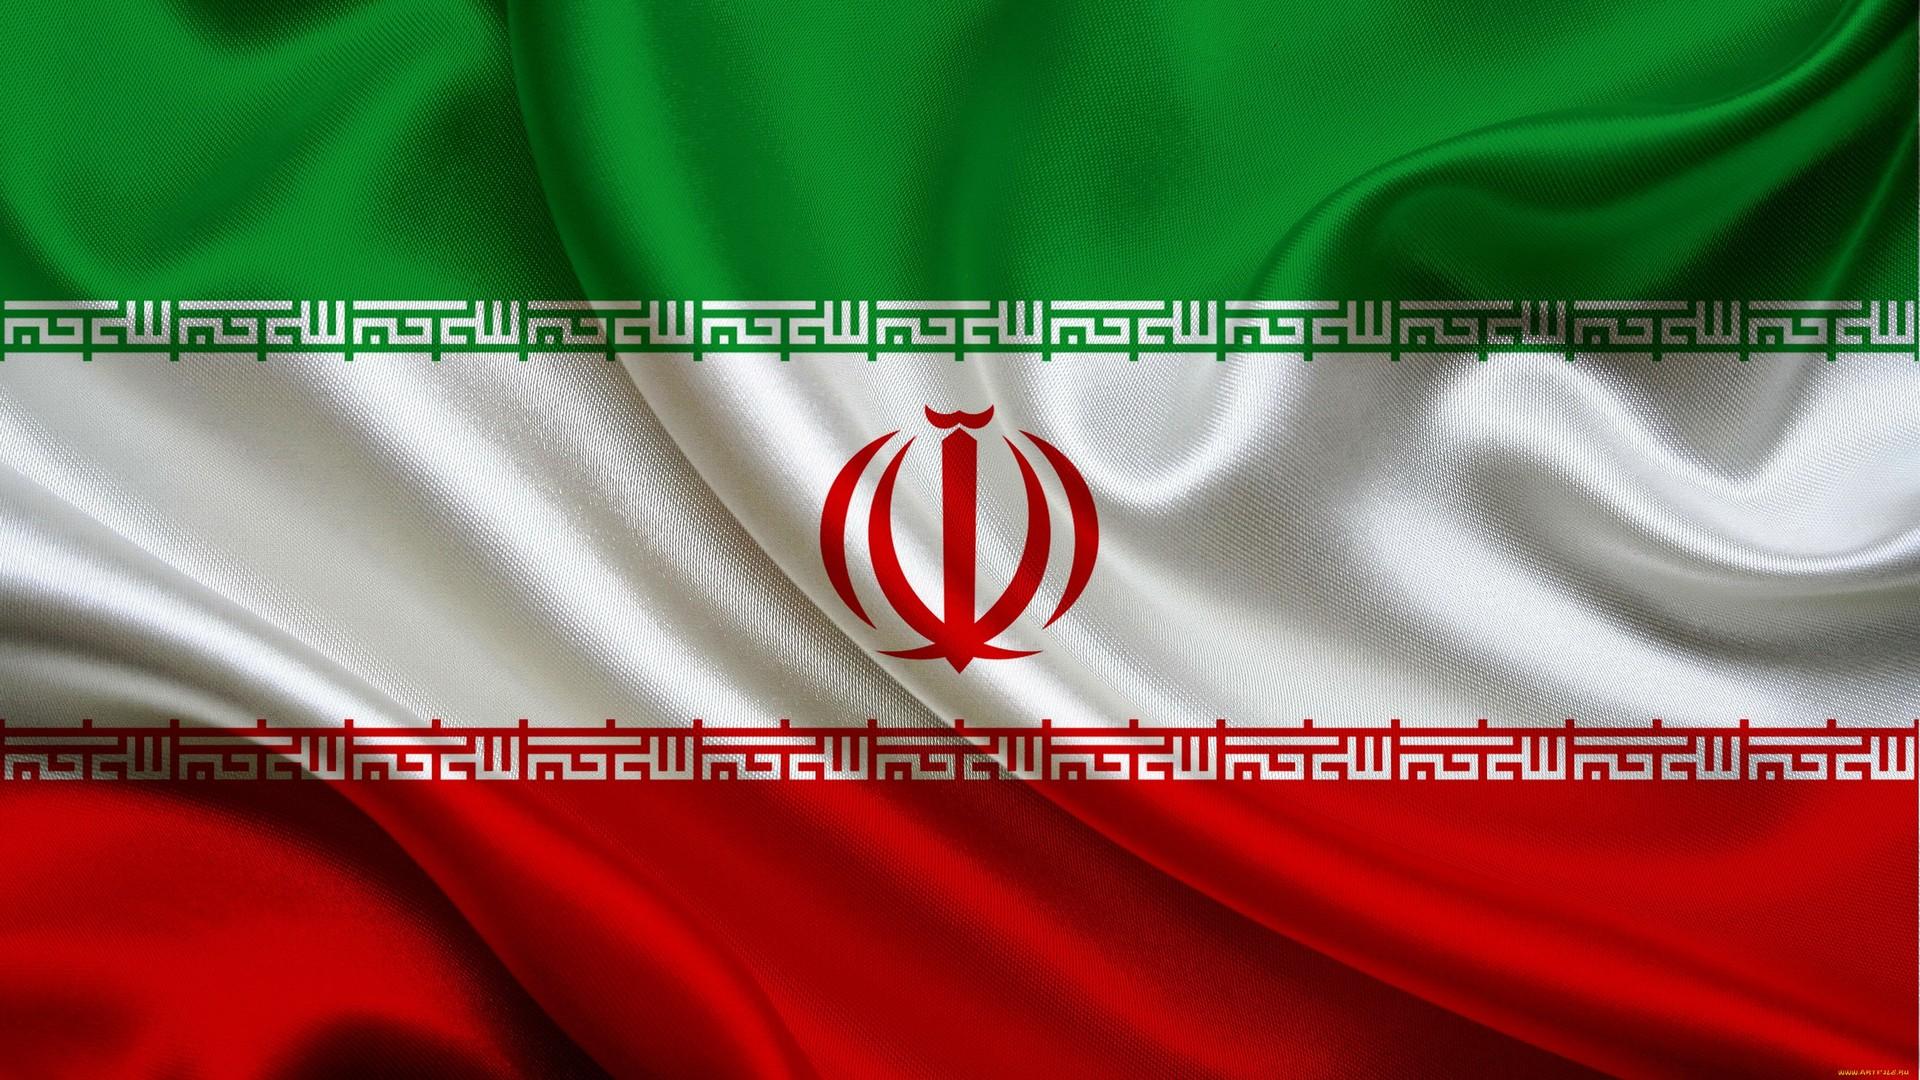 iran, atheism, islam